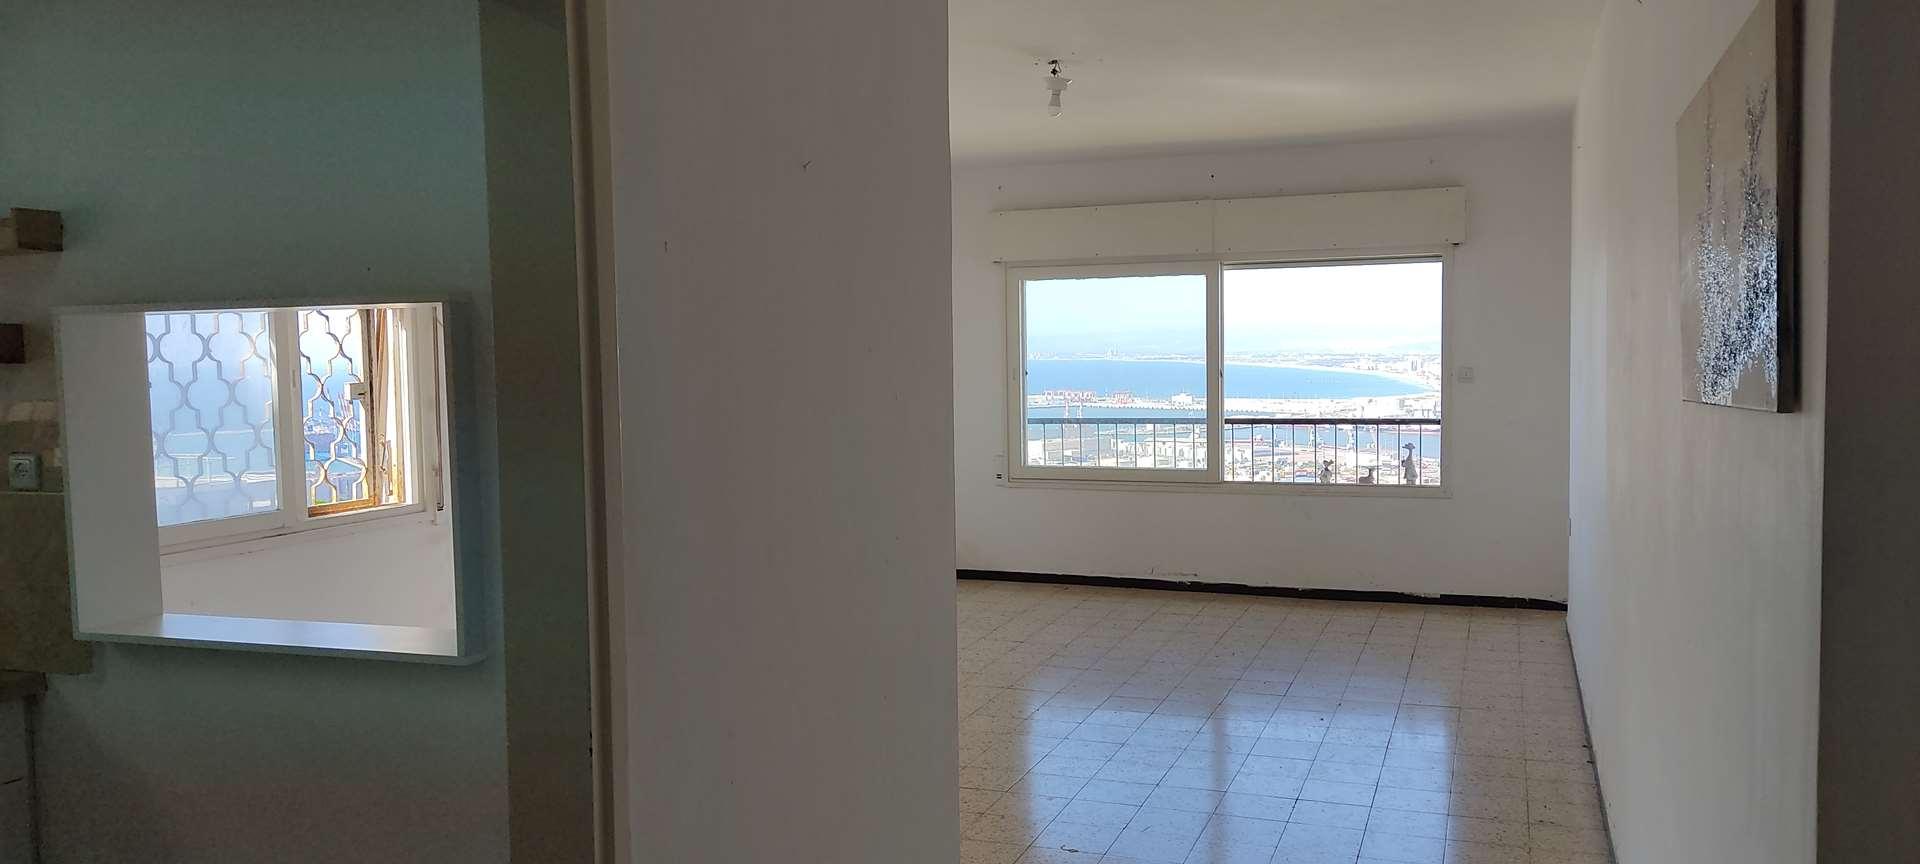 דירה להשכרה 4 חדרים בחיפה נתיב חן